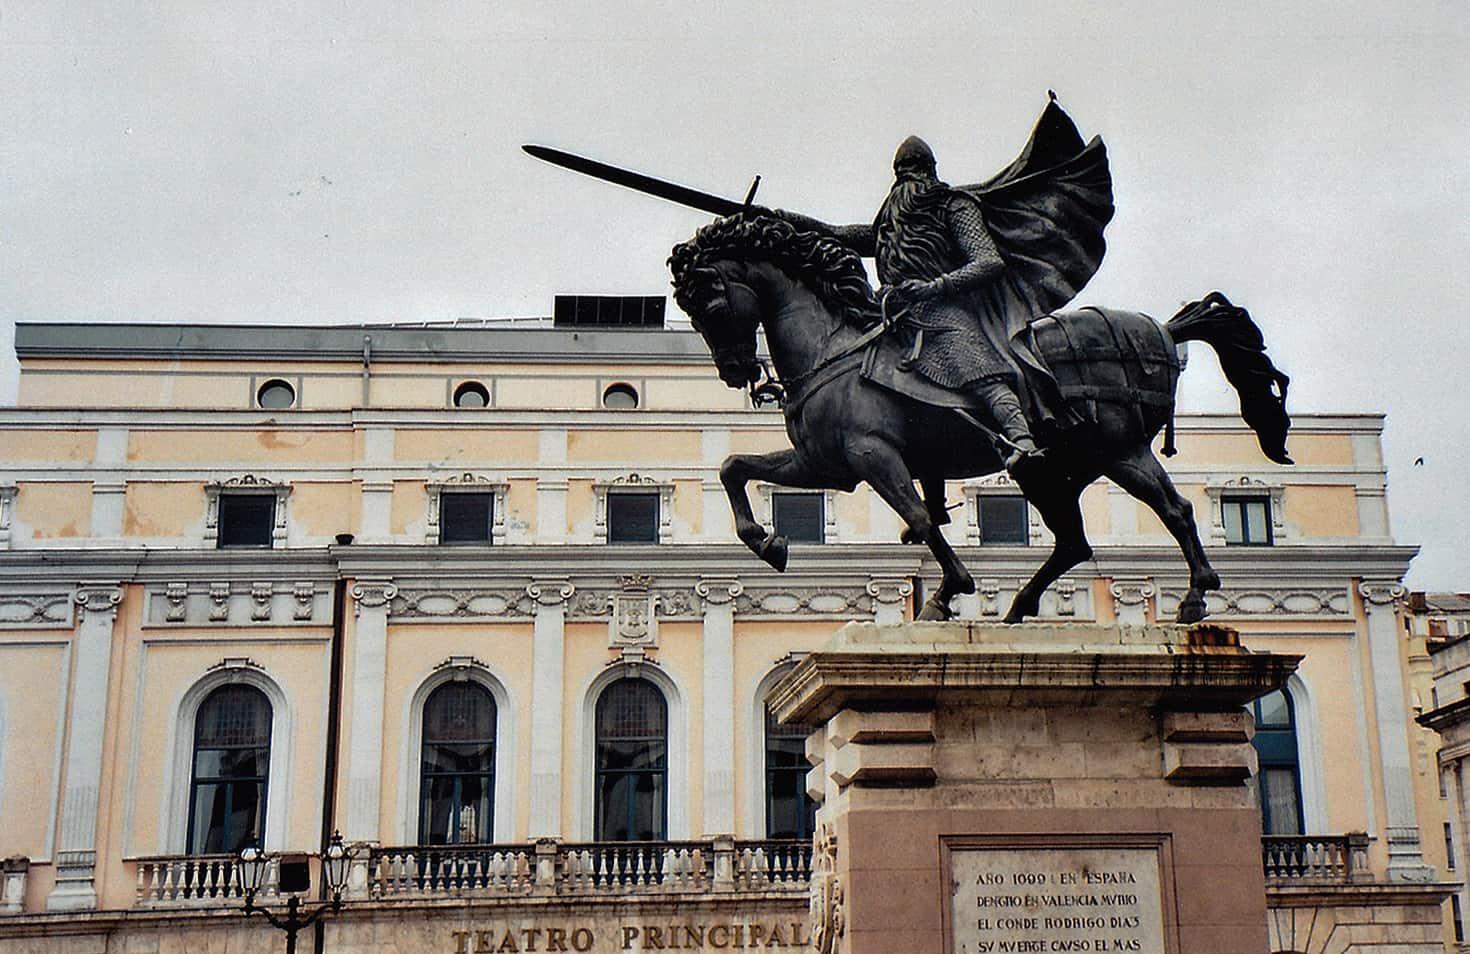 El Cid, Spain